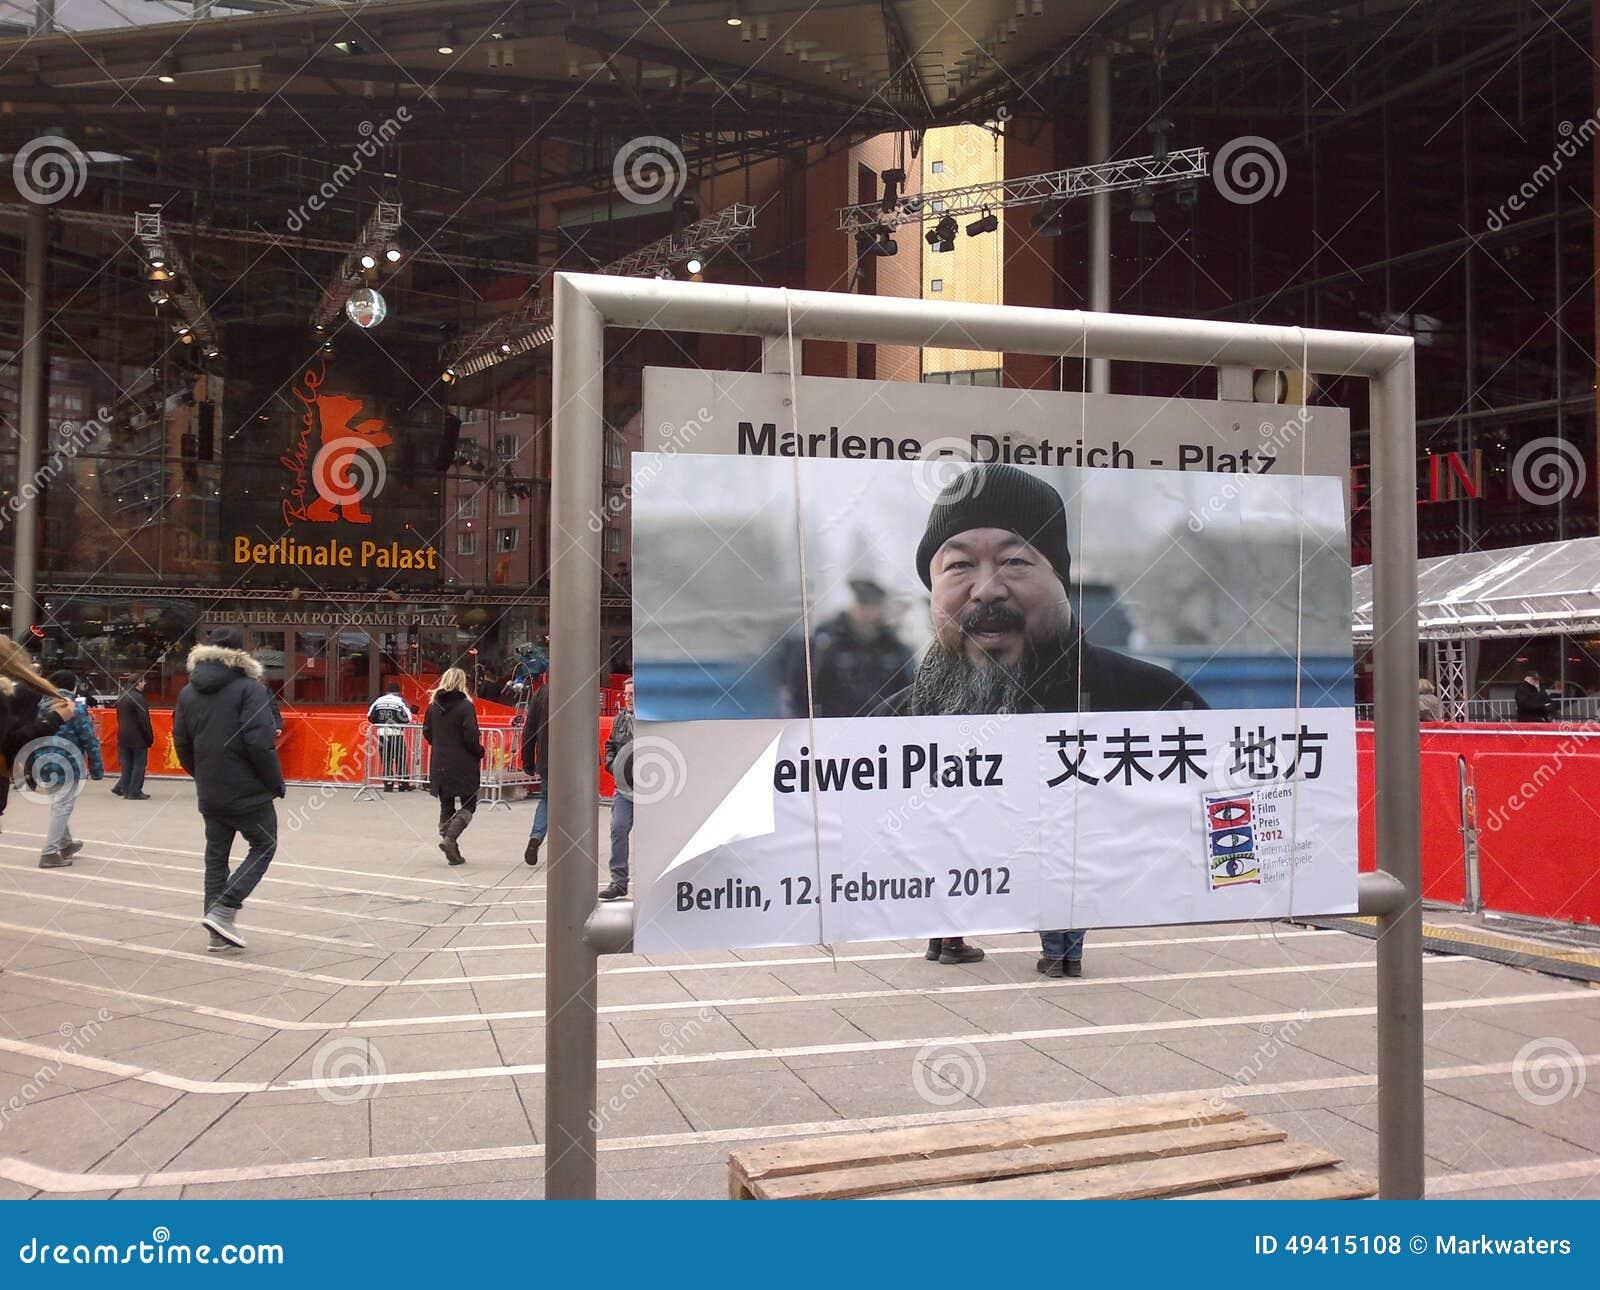 Download Berlinale-Filmfestival redaktionelles stockfoto. Bild von politik - 49415108